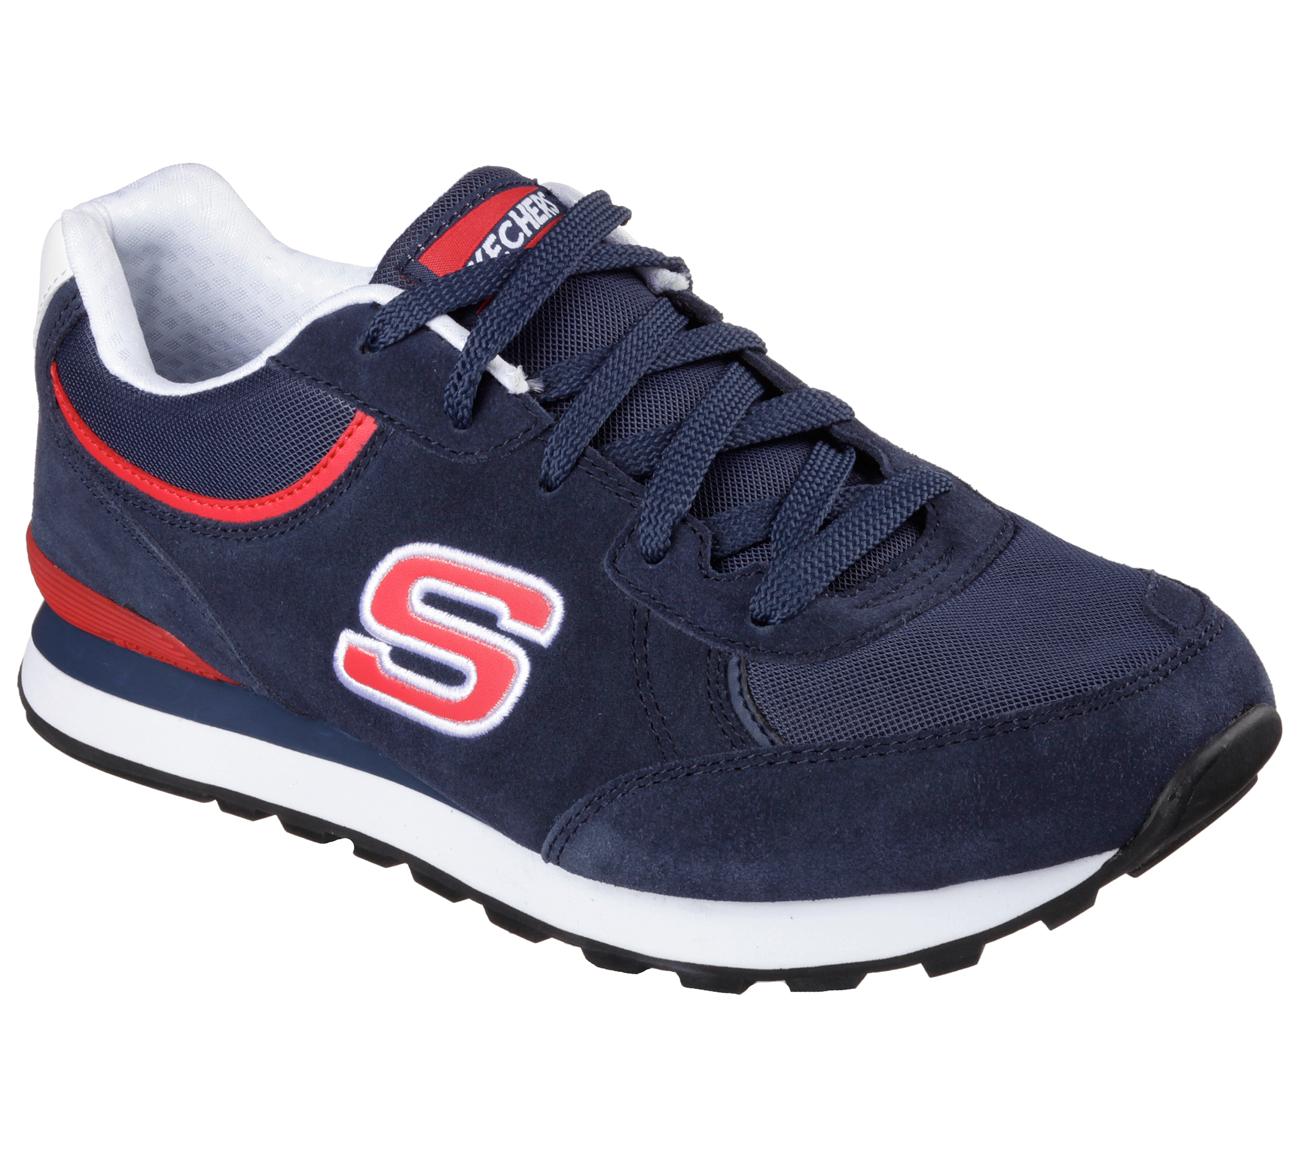 Buy skechers og 82 skechers originals shoes only for 52300